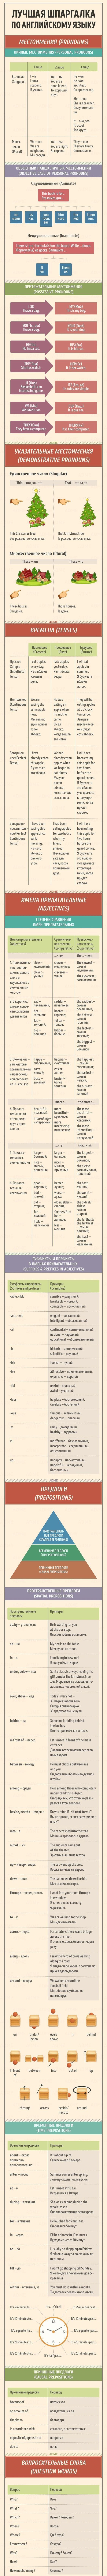 Полезная шпаргалка по английскому языку. Инфографик 1. иностранные языки, Английский язык, обучение, памятка, полезное, инфографика, длиннопост: